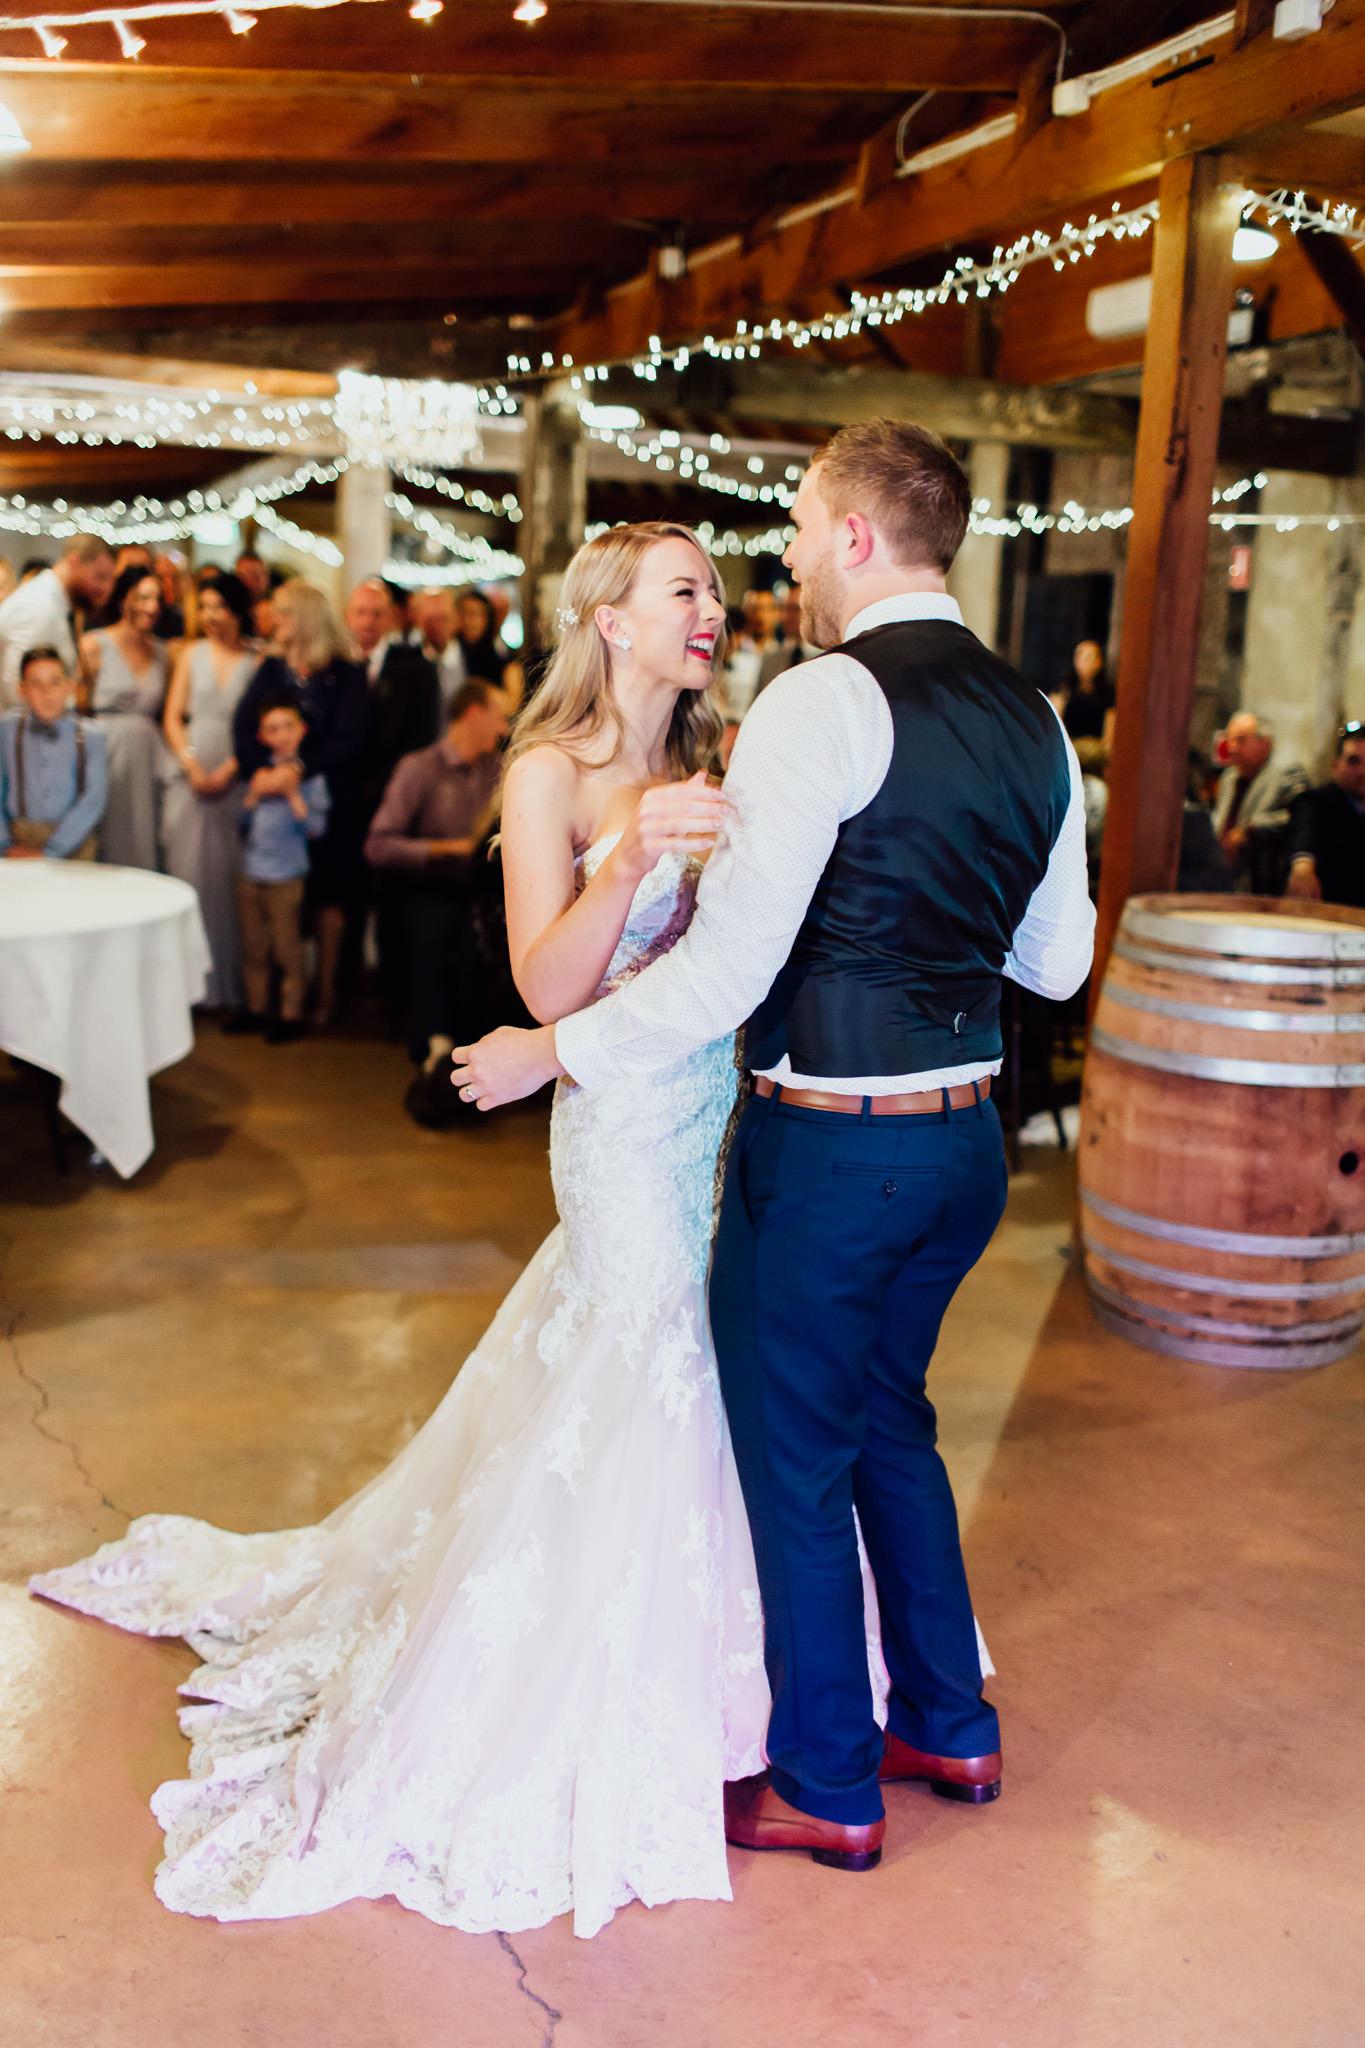 WeddingPhotos_Facebook_2048pixels-1153.jpg